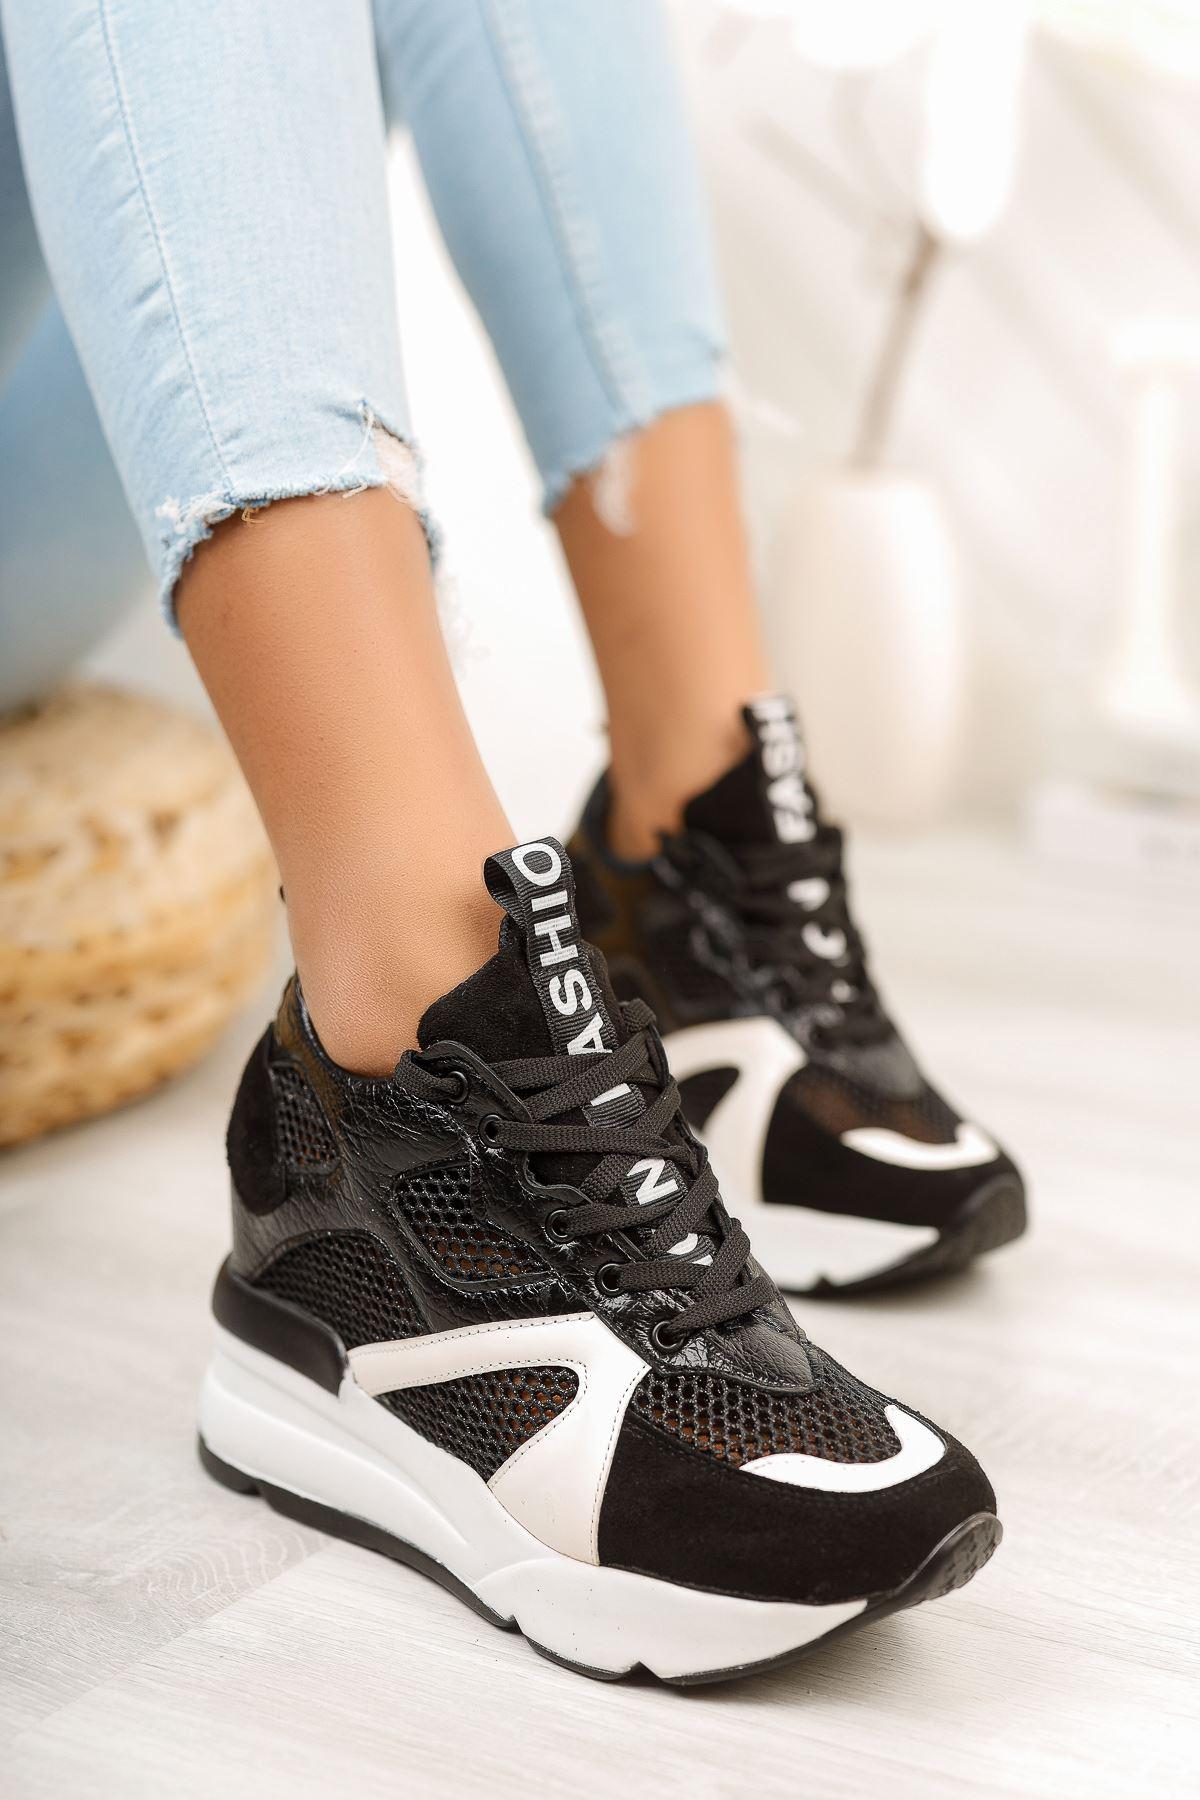 Siyah File Detaylı Gizli Topuklu Spor Ayakkabı